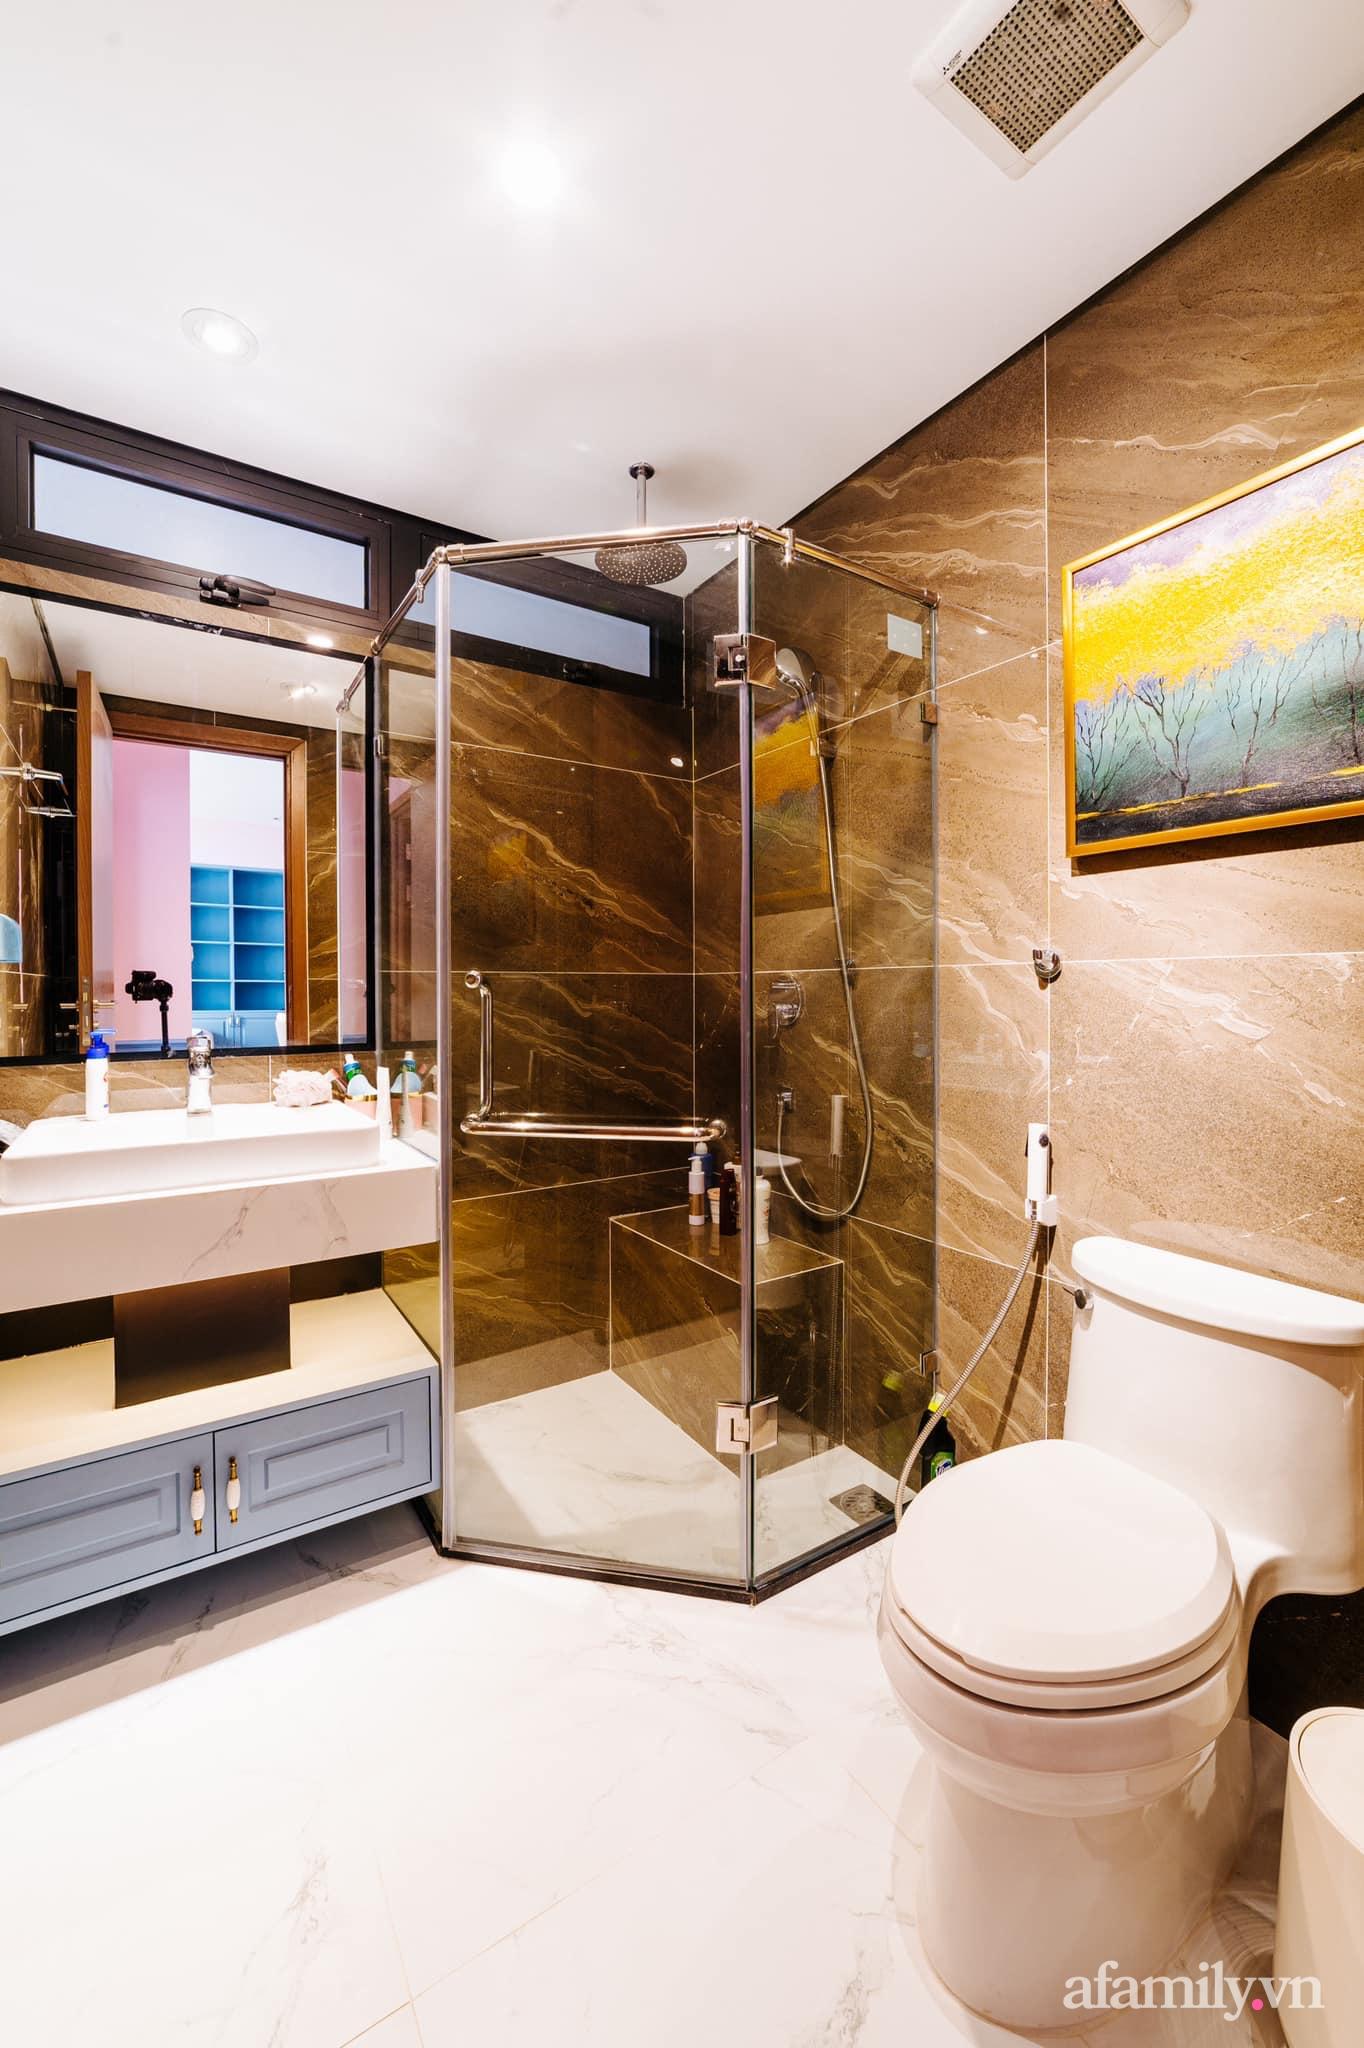 Căn hộ 45m² đẹp không góc chết với điểm nhấn màu xanh hồng cực chất có chi phí hoàn thiện 200 triệu đồng ở Hà Nội - Ảnh 17.